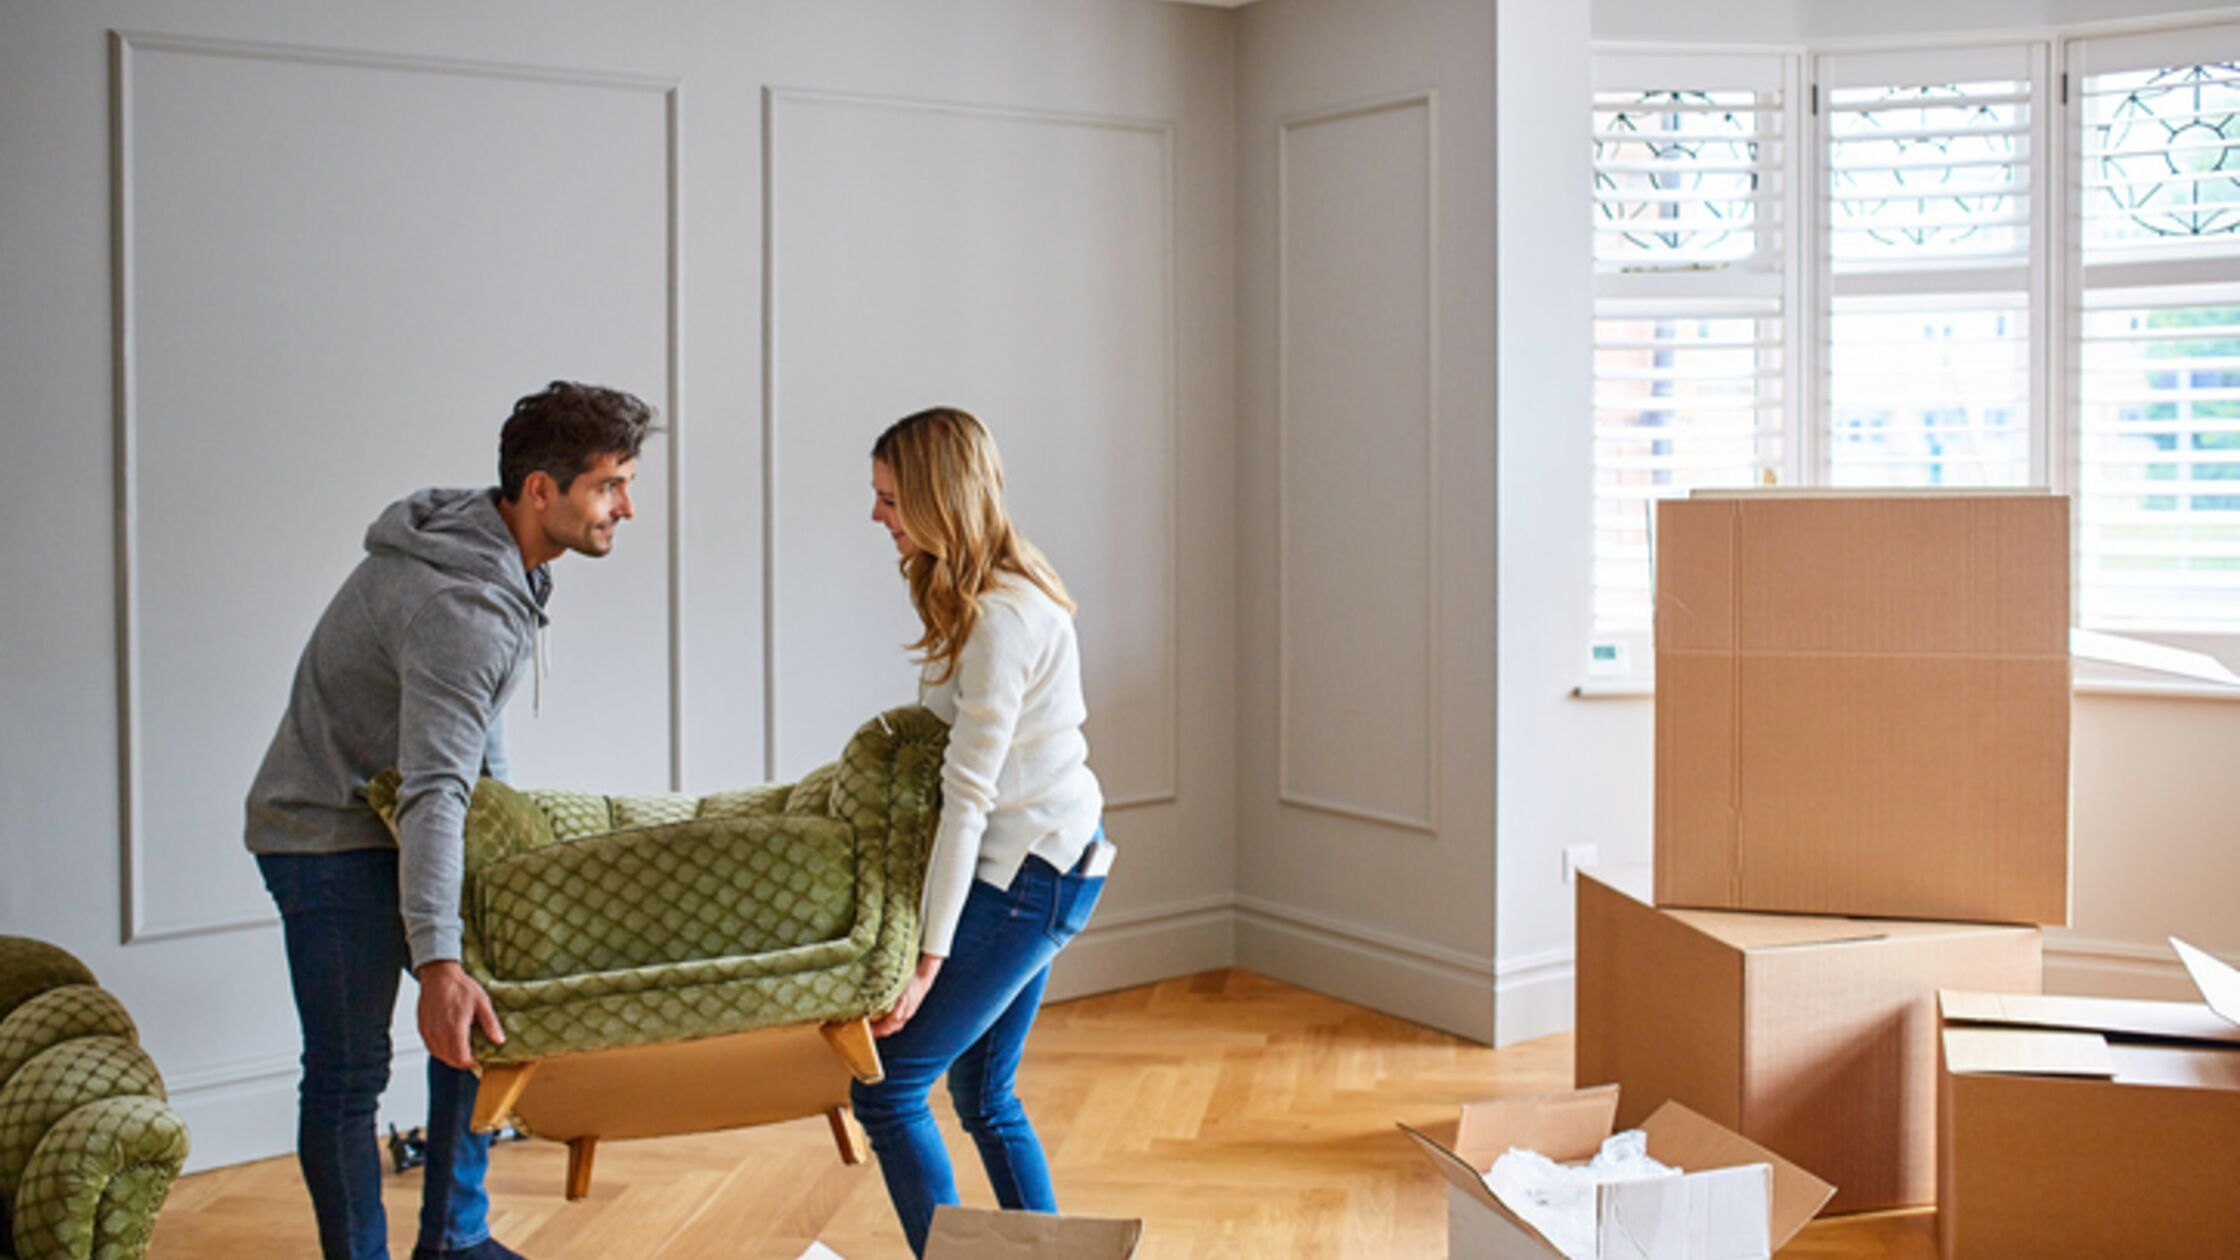 Umzug: Wo kann ich meine Möbel spenden?